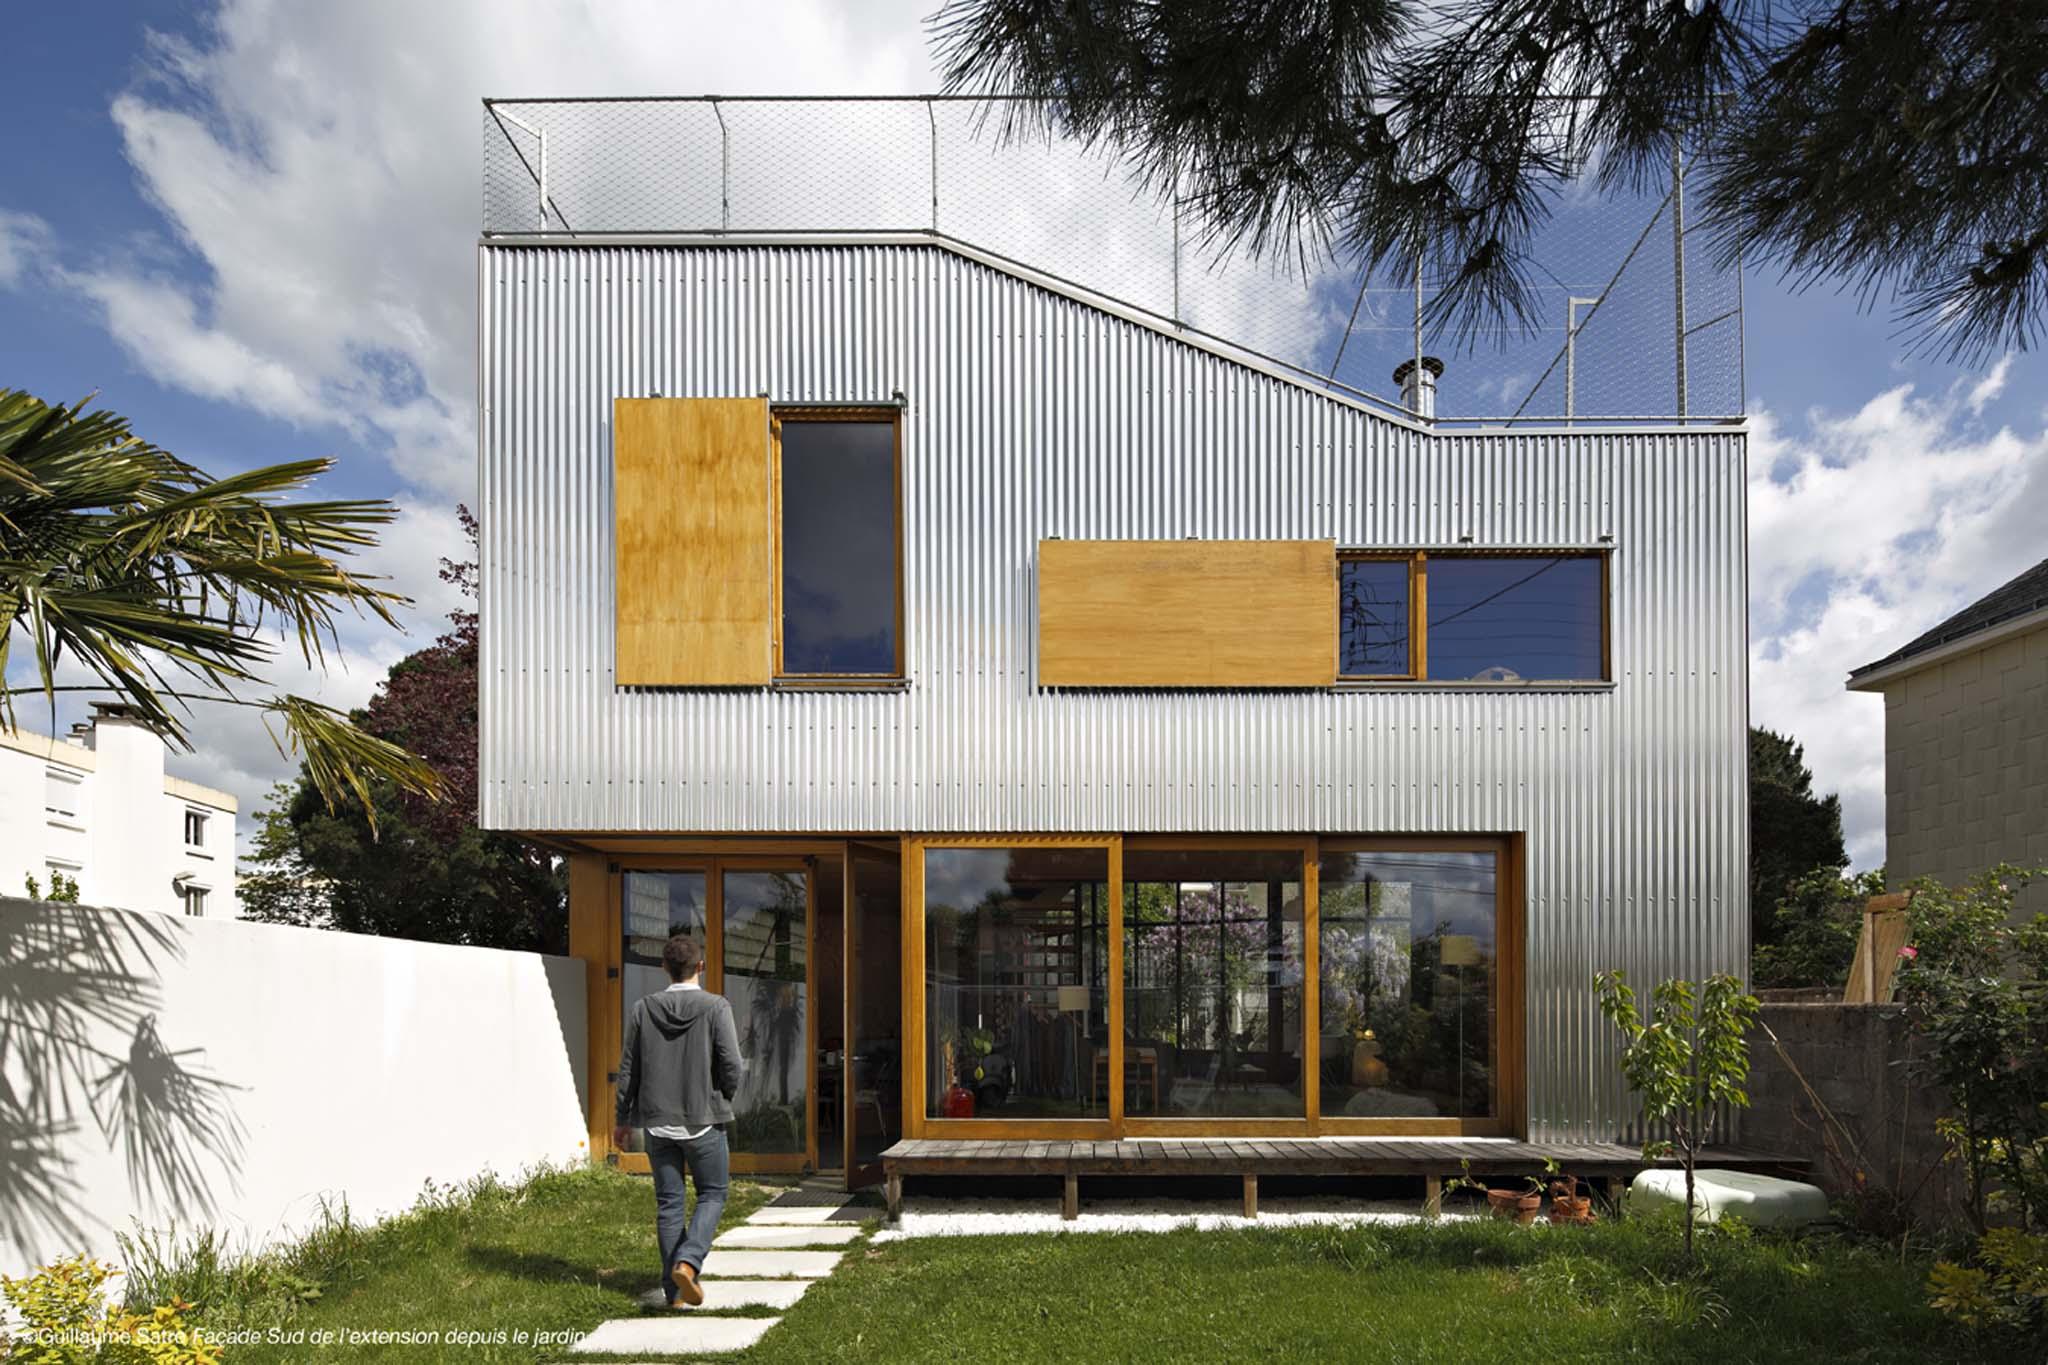 Maison nantes par mabire reich for Architecte nantes maison individuelle